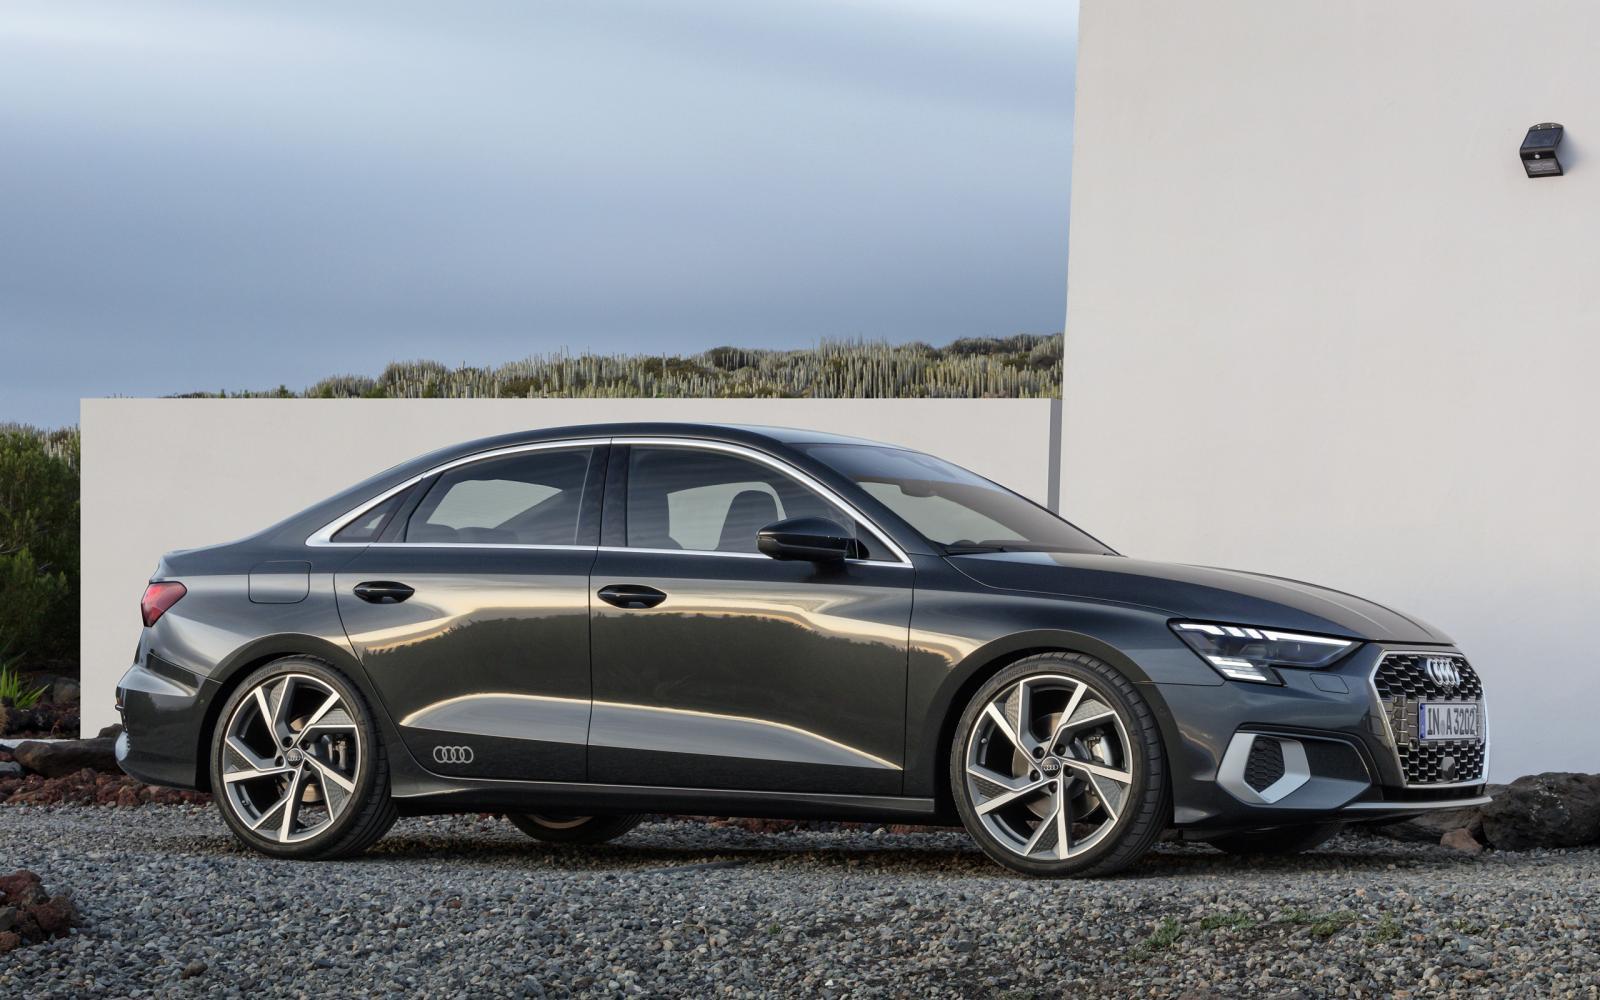 Nu ook de Audi A3 Limousine in het nieuw gestoken ...